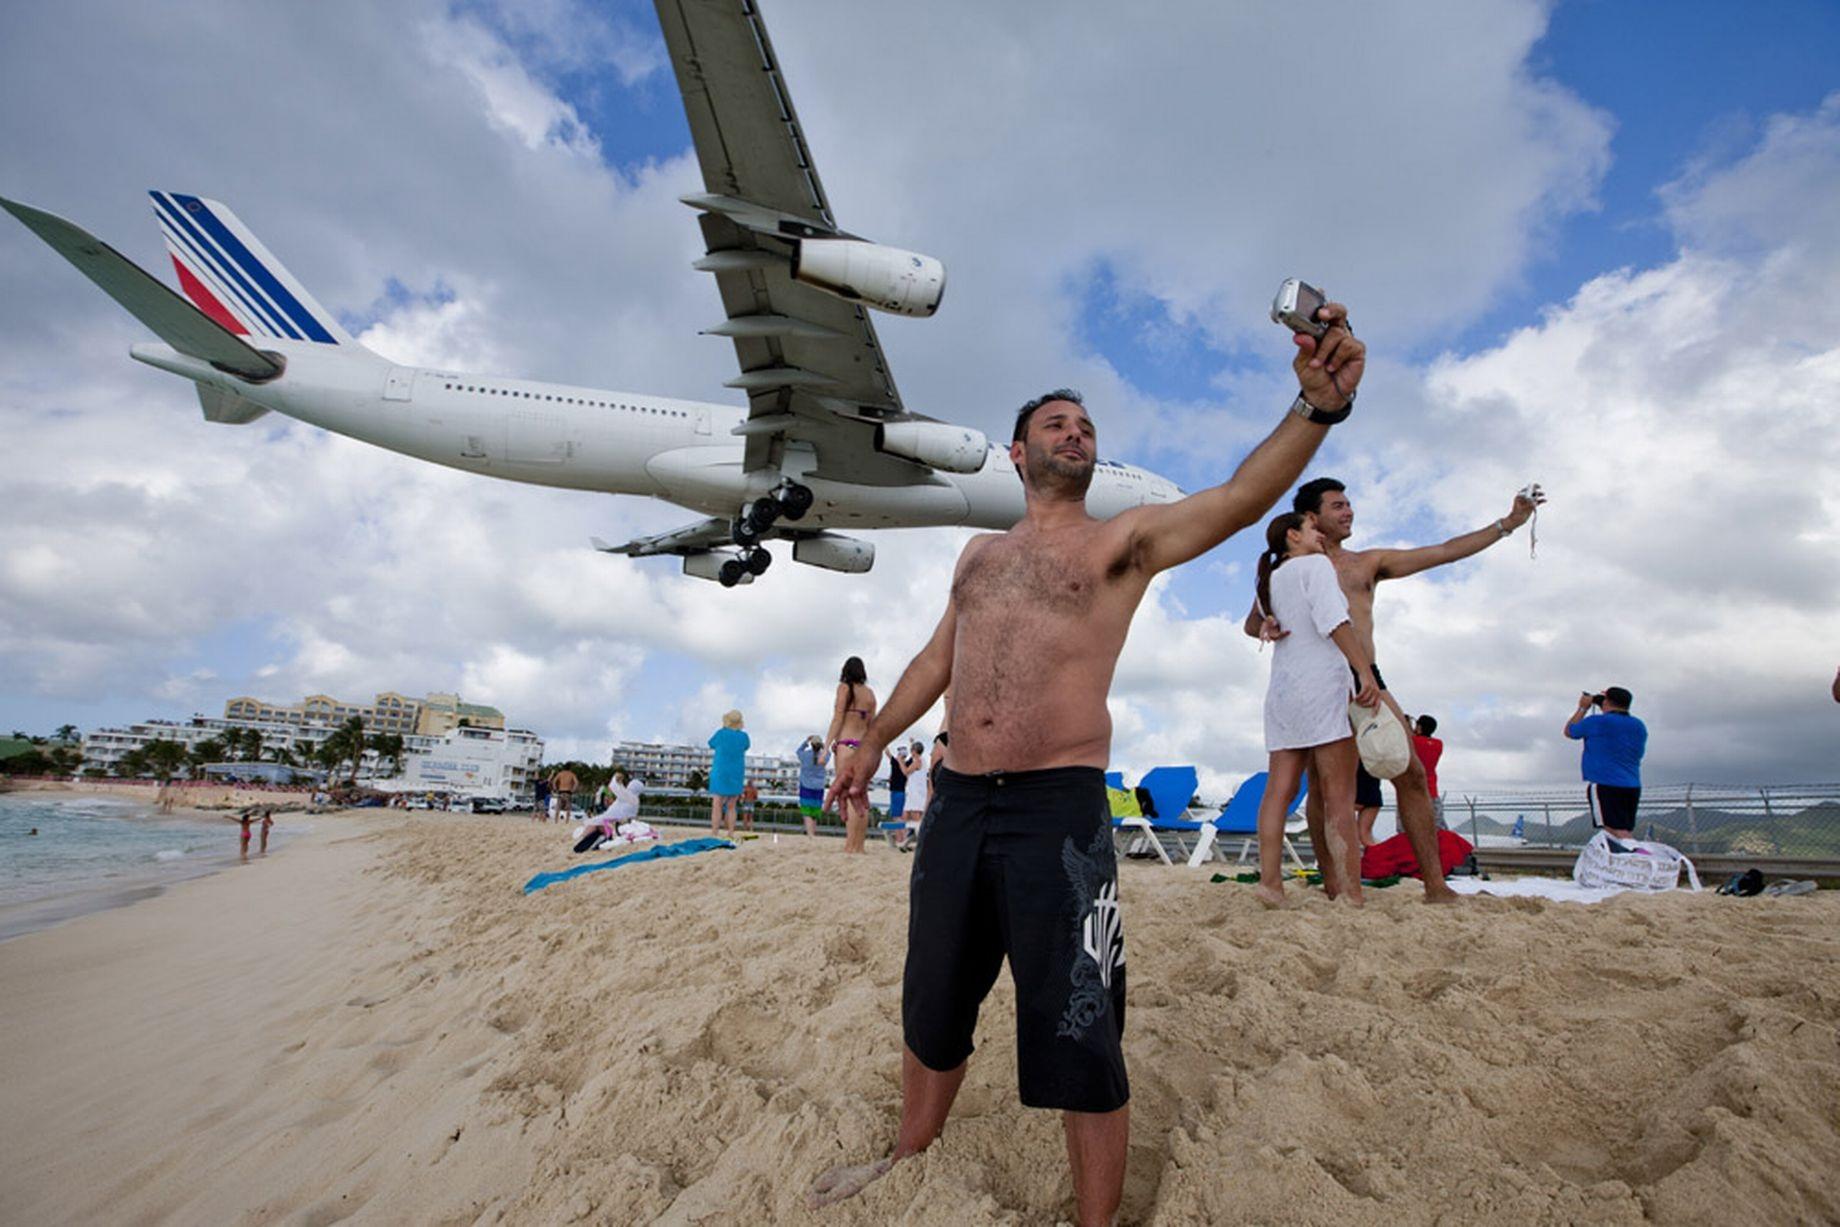 Du khách selfie khi máy bay chuẩn bị hạ cánh